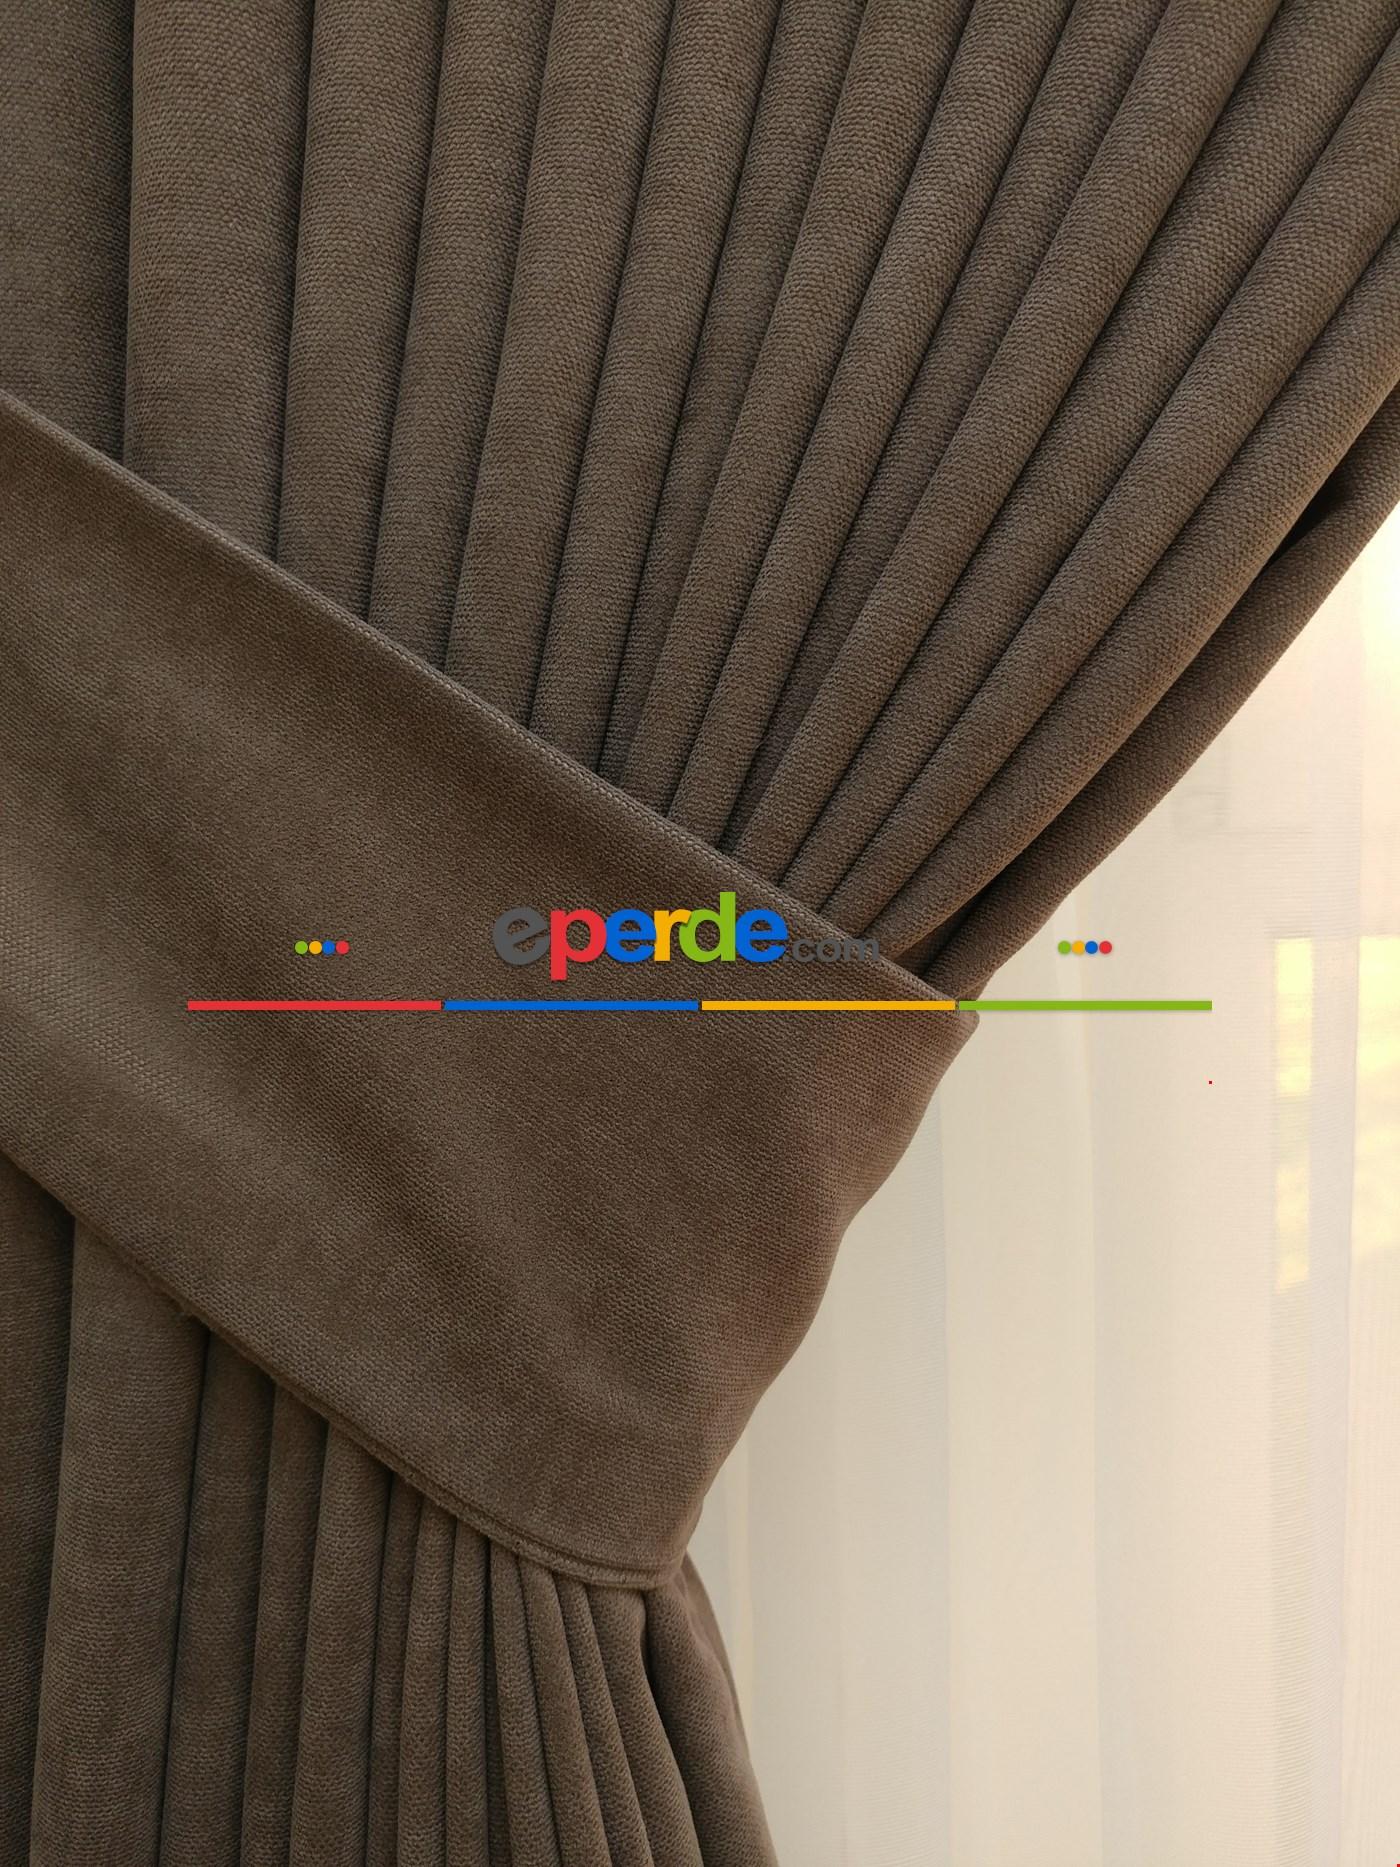 Kahverengi - Düz Fon Perde ( En 180cm Dökümlü Fon Perde)